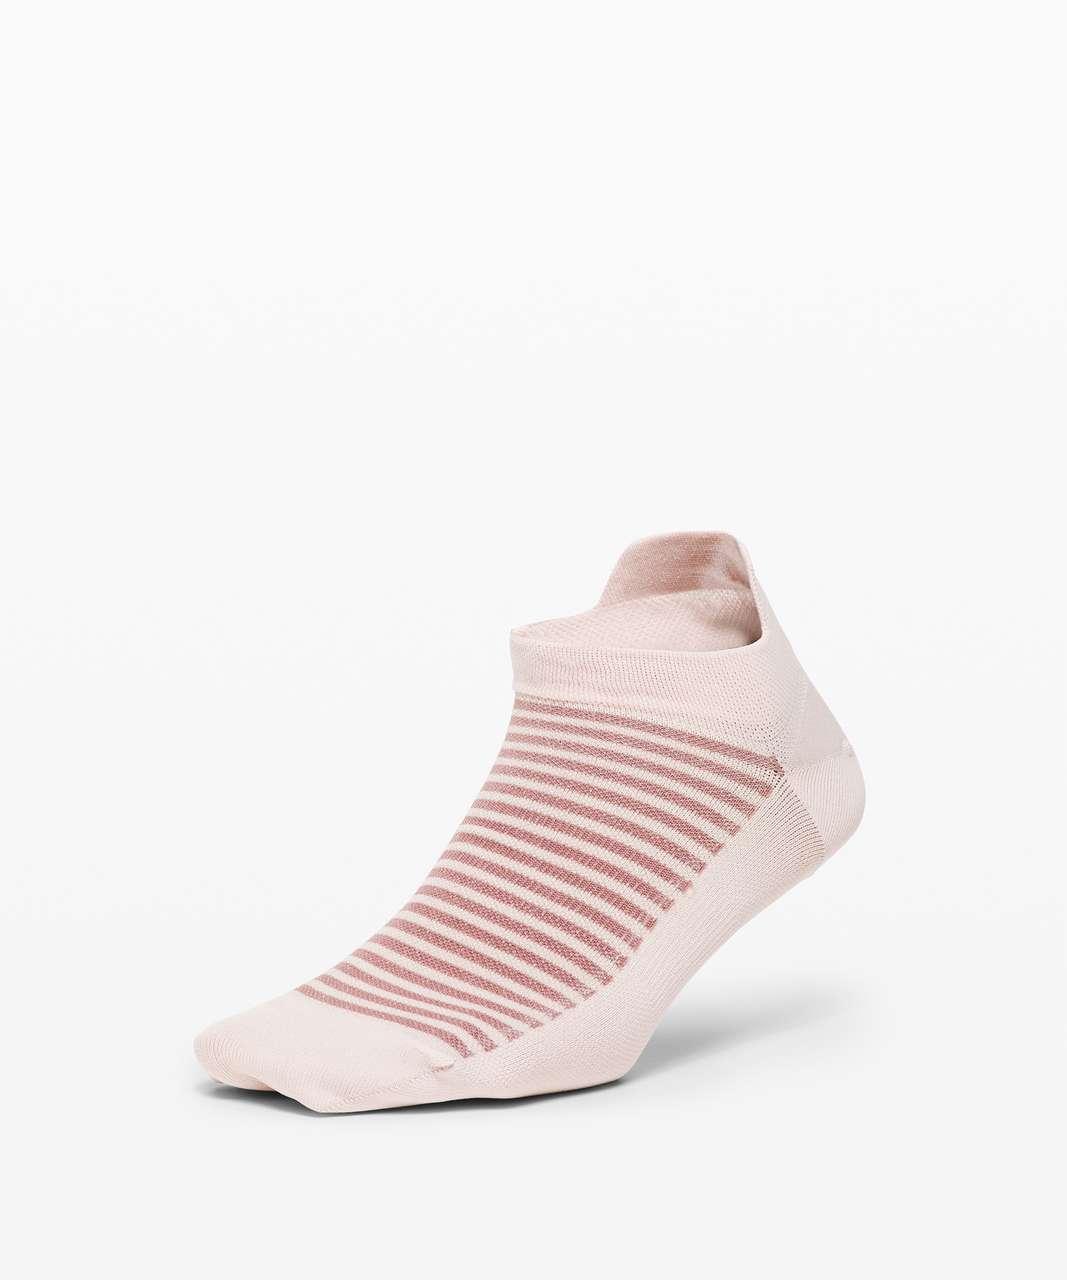 Lululemon Light Speed Sock *Silver - Pink Bliss / Misty Mocha